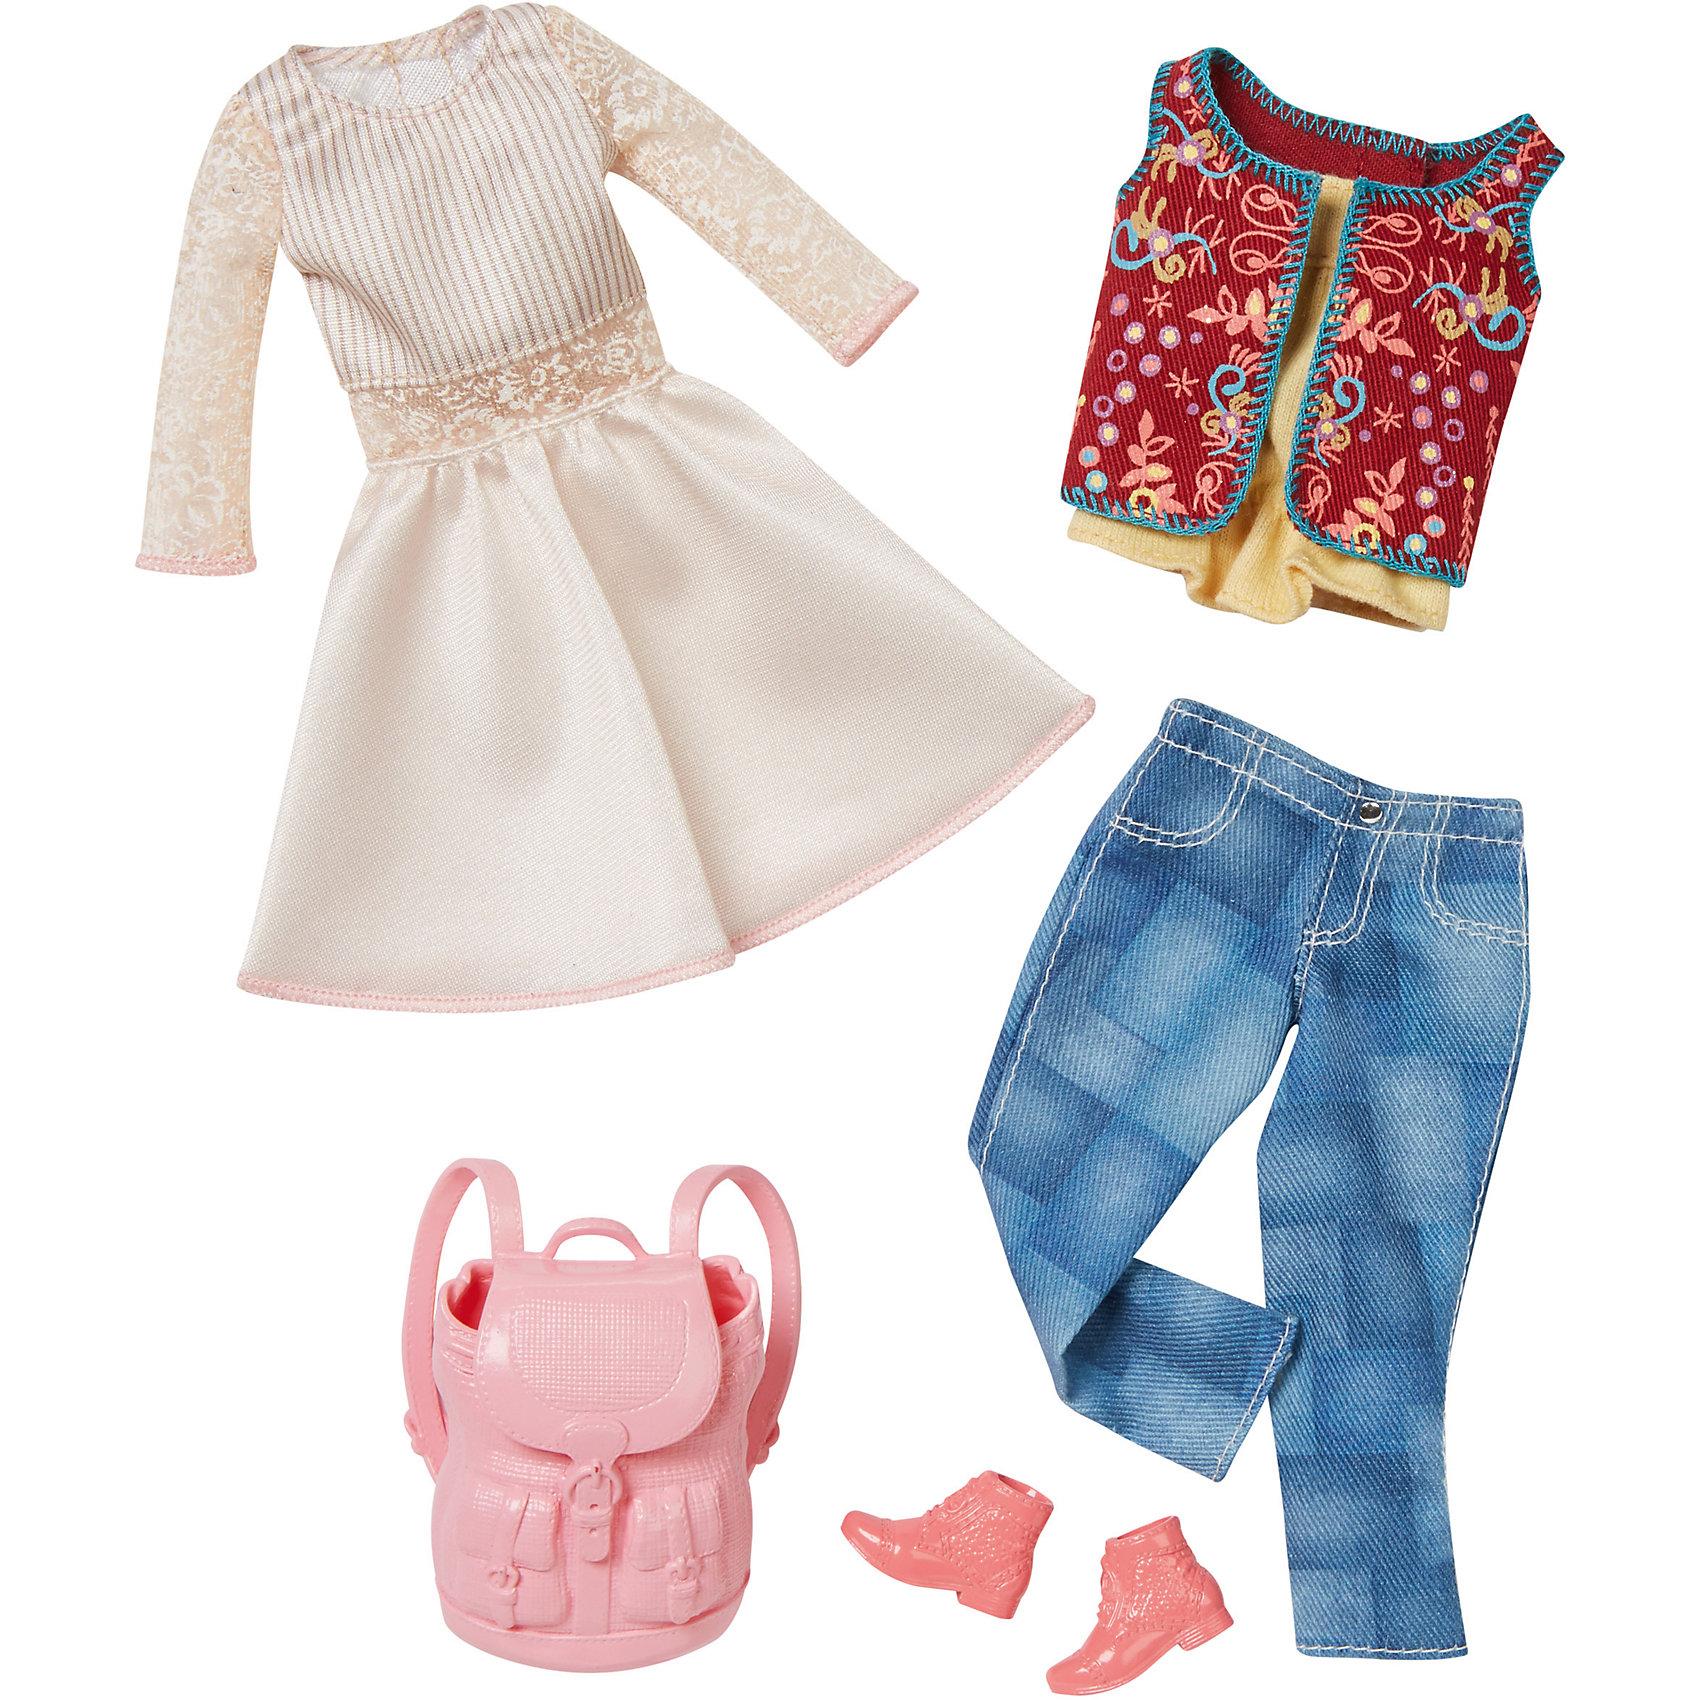 Набор модной одежды, BarbieНабор одежды для куклы Barbie (Барби) - отличный вариант подарка для любительницы этих кукол. В набор входят два сочетающихся между собой комплекта одежды (всего 4 предмета) по мотивам реальных модных тенденций, пара туфель и элегантная сумочка. Предметы из разных комплектов можно комбинировать, создавая новые шикарные образы для любимой куклы.<br>Такие игрушки помогают развить мелкую моторику, логическое мышление и воображение ребенка. Эта игрушка выполнена из текстиля и высококачественного прочного пластика, безопасного для детей, отлично детализирована.<br><br>Дополнительная информация:<br><br>комплектация: два комплекта одежды (всего 4 предмета), пара туфель и сумочка; <br>цвет: разноцветный;<br>материал: пластик, текстиль;<br>размер упаковки: 27,5 х 2,5 х 25,5 см;<br>кукла продается отдельно!<br><br>Набор модной одежды, Barbie от компании Mattel можно купить в нашем магазине.<br><br>Ширина мм: 283<br>Глубина мм: 253<br>Высота мм: 27<br>Вес г: 114<br>Возраст от месяцев: 36<br>Возраст до месяцев: 8<br>Пол: Женский<br>Возраст: Детский<br>SKU: 4791076